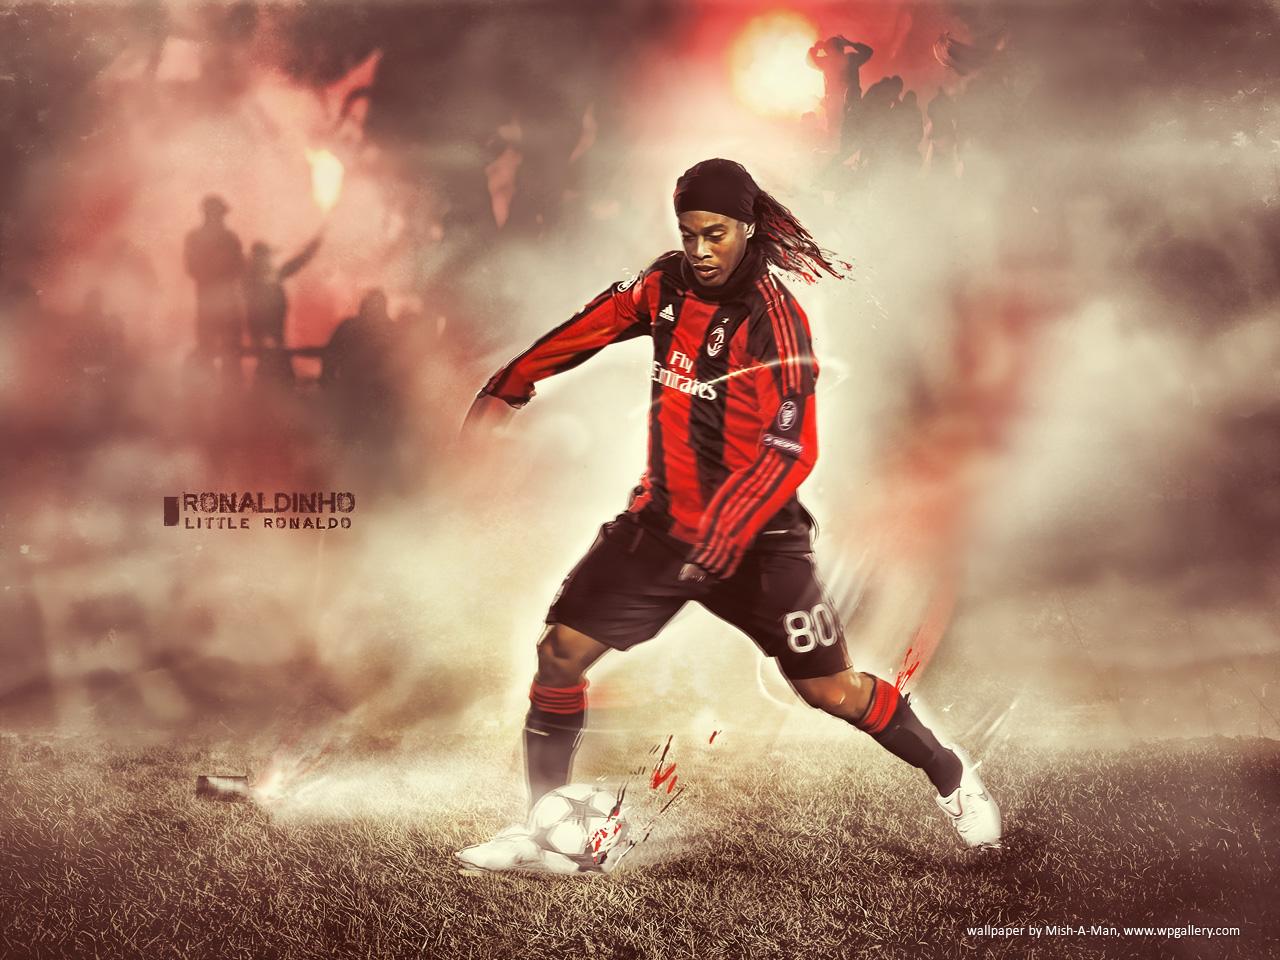 http://4.bp.blogspot.com/-xuo1dg8ey-U/T8pFhT_wafI/AAAAAAAADHw/8_Q6X9X_L3M/s1600/Ronaldinho_wallpaper_2012-03.jpg